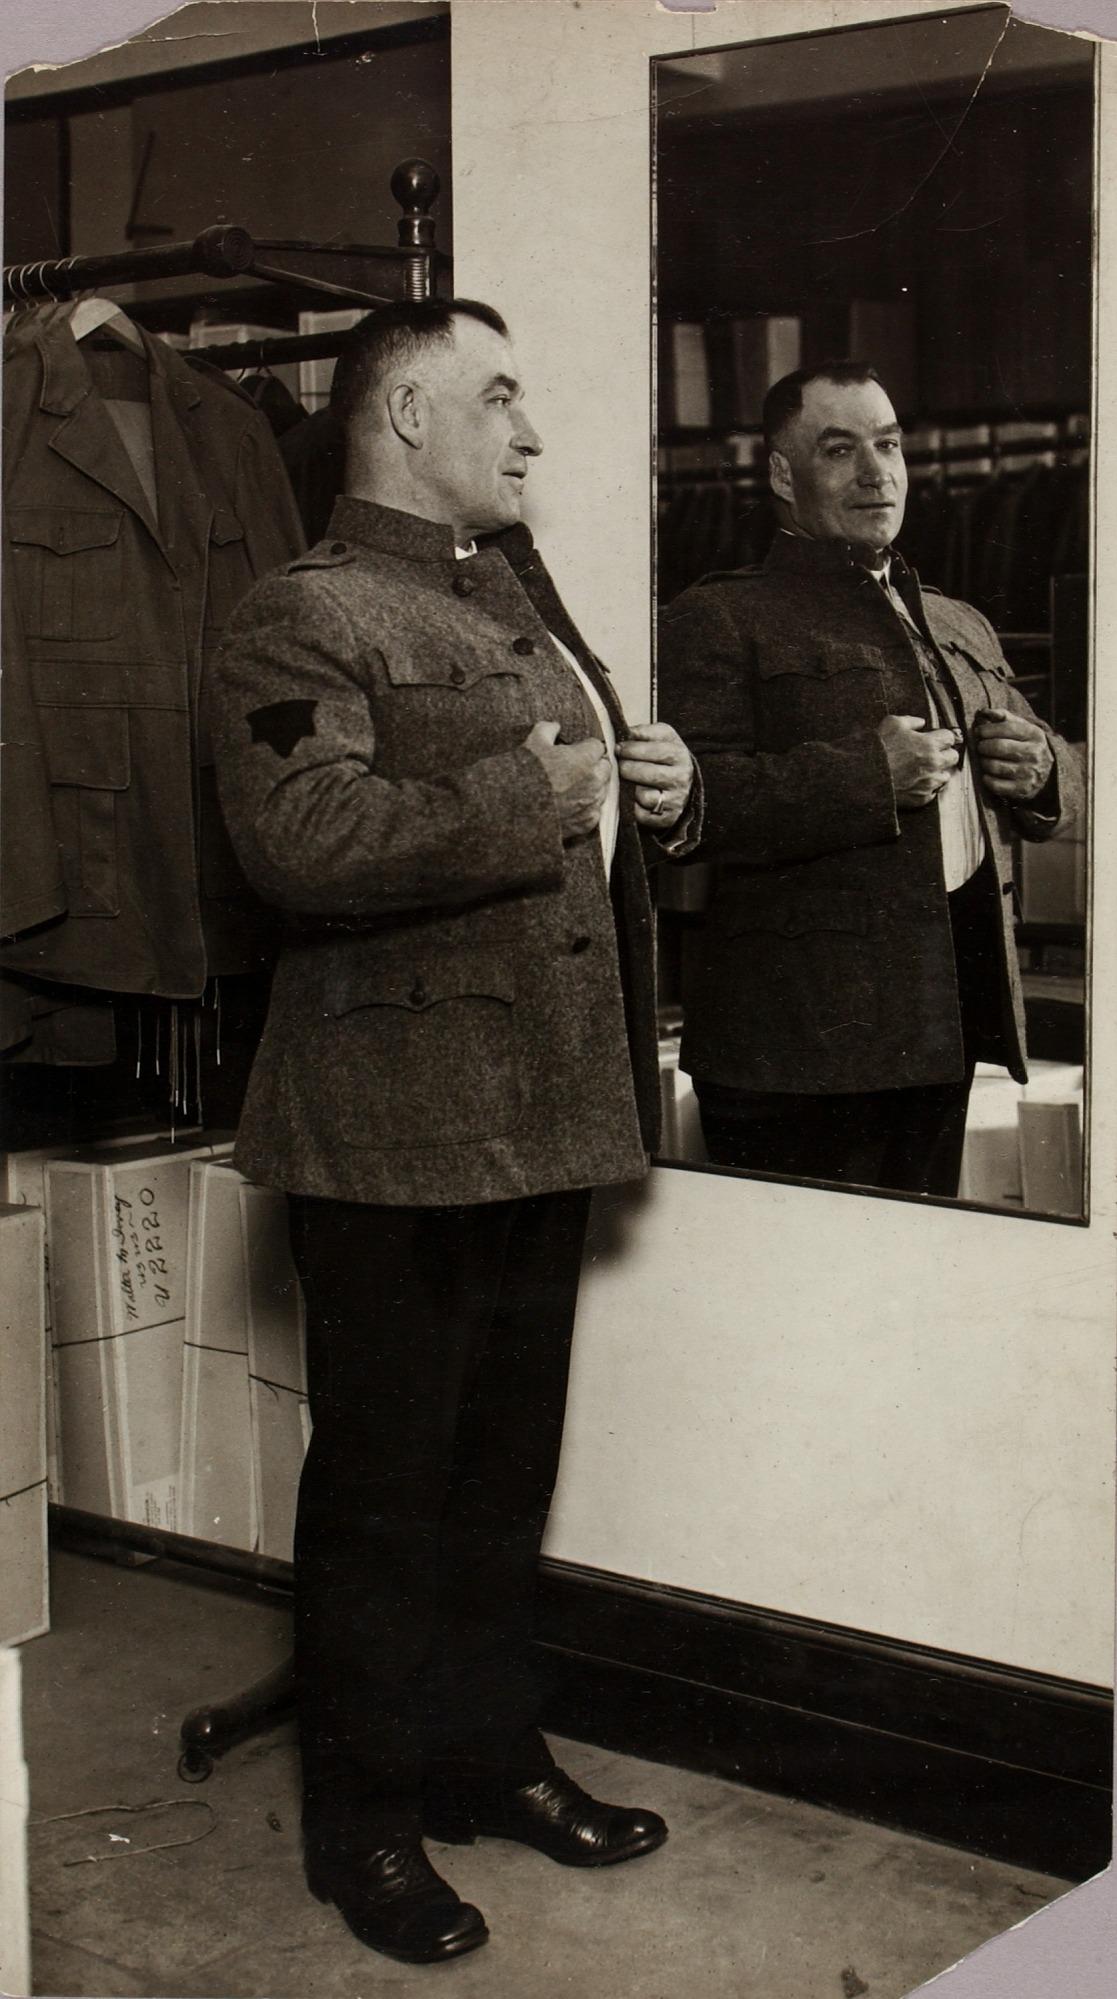 Tom Sharkey, full length portrait